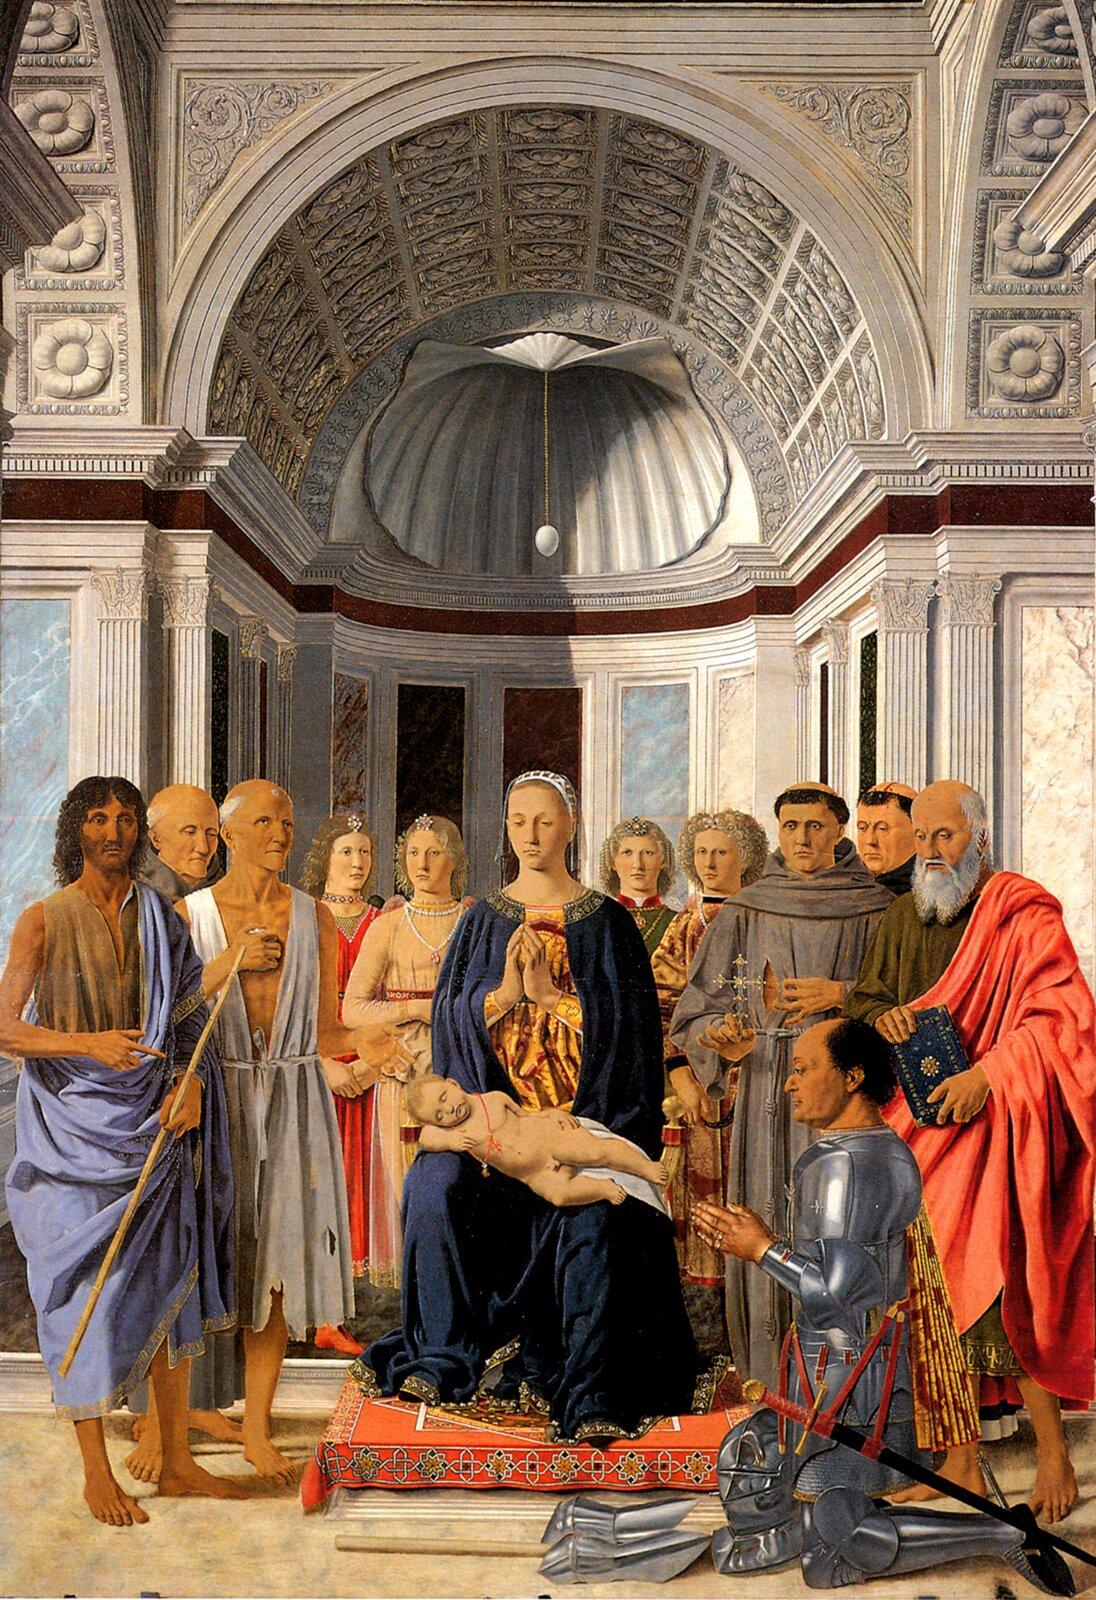 Madonna wśród świętych Źródło: Piero della Francesca, Madonna wśród świętych, ok. 1472-1474, tempera na desce, Pinacoteca Brera, Mediolan, domena publiczna.